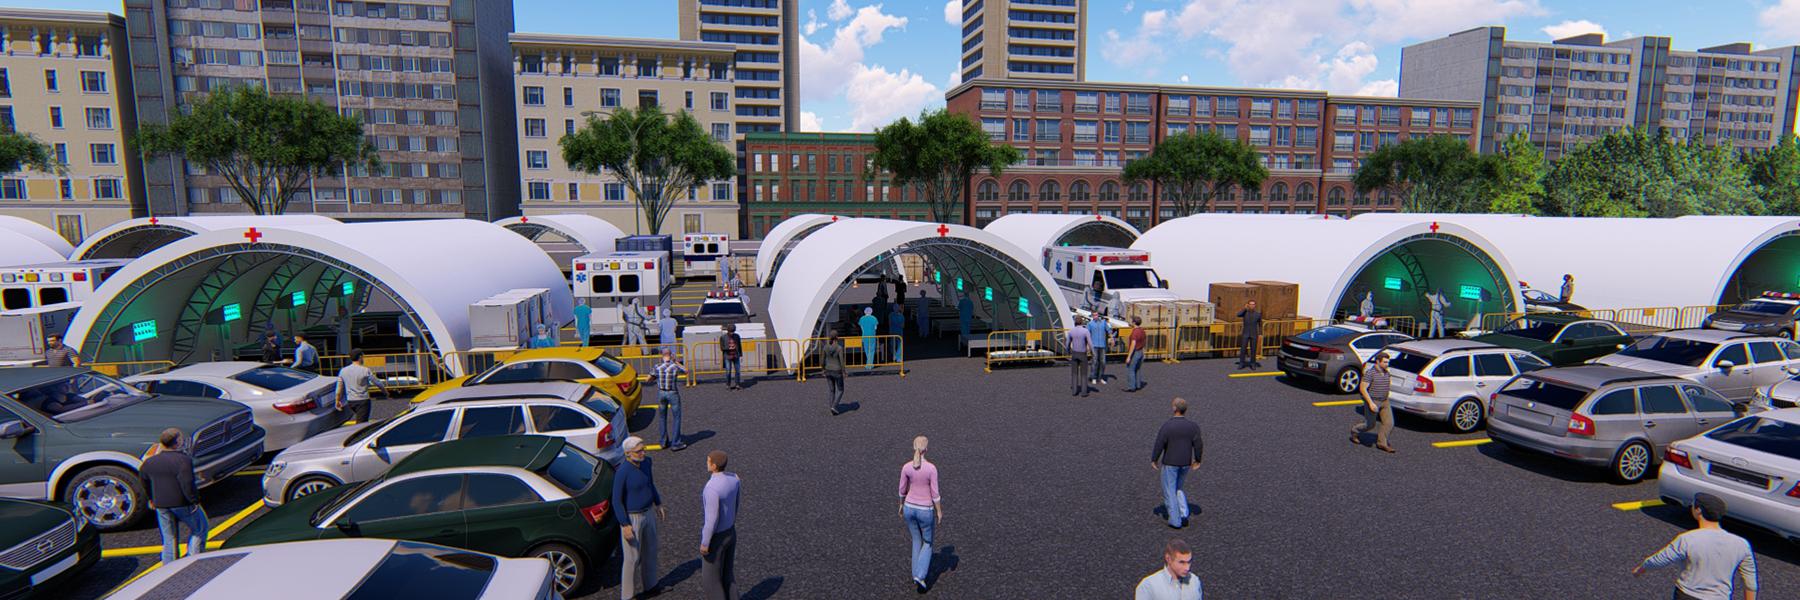 Hospital Buildings 3d Rendering